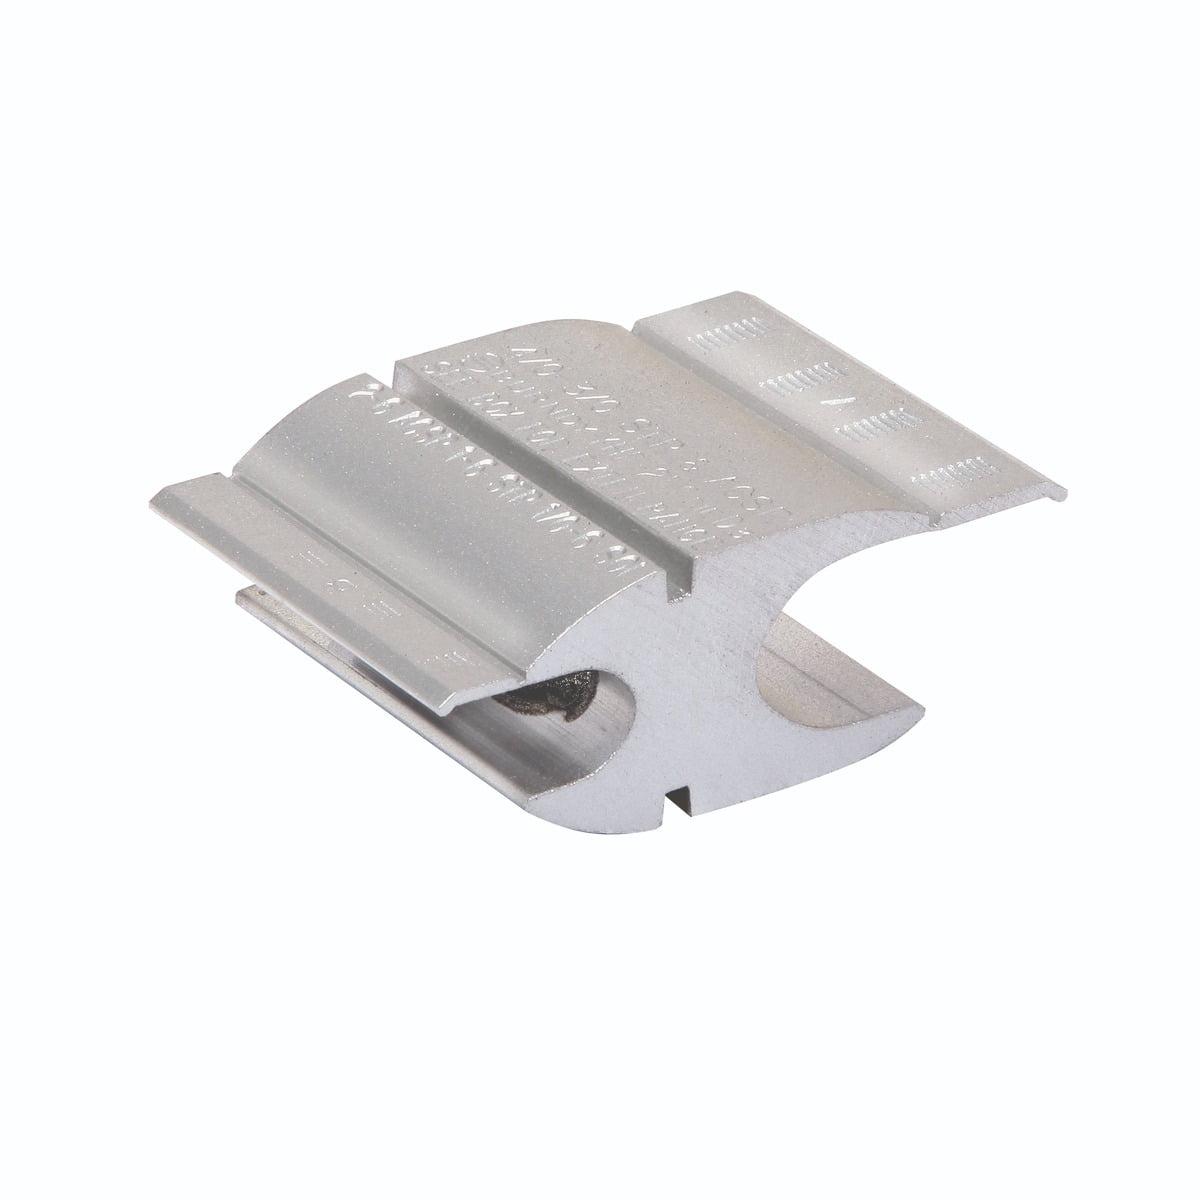 Aluminio-tipo-H-eebc-equipos-electricos-de-baja-california-1